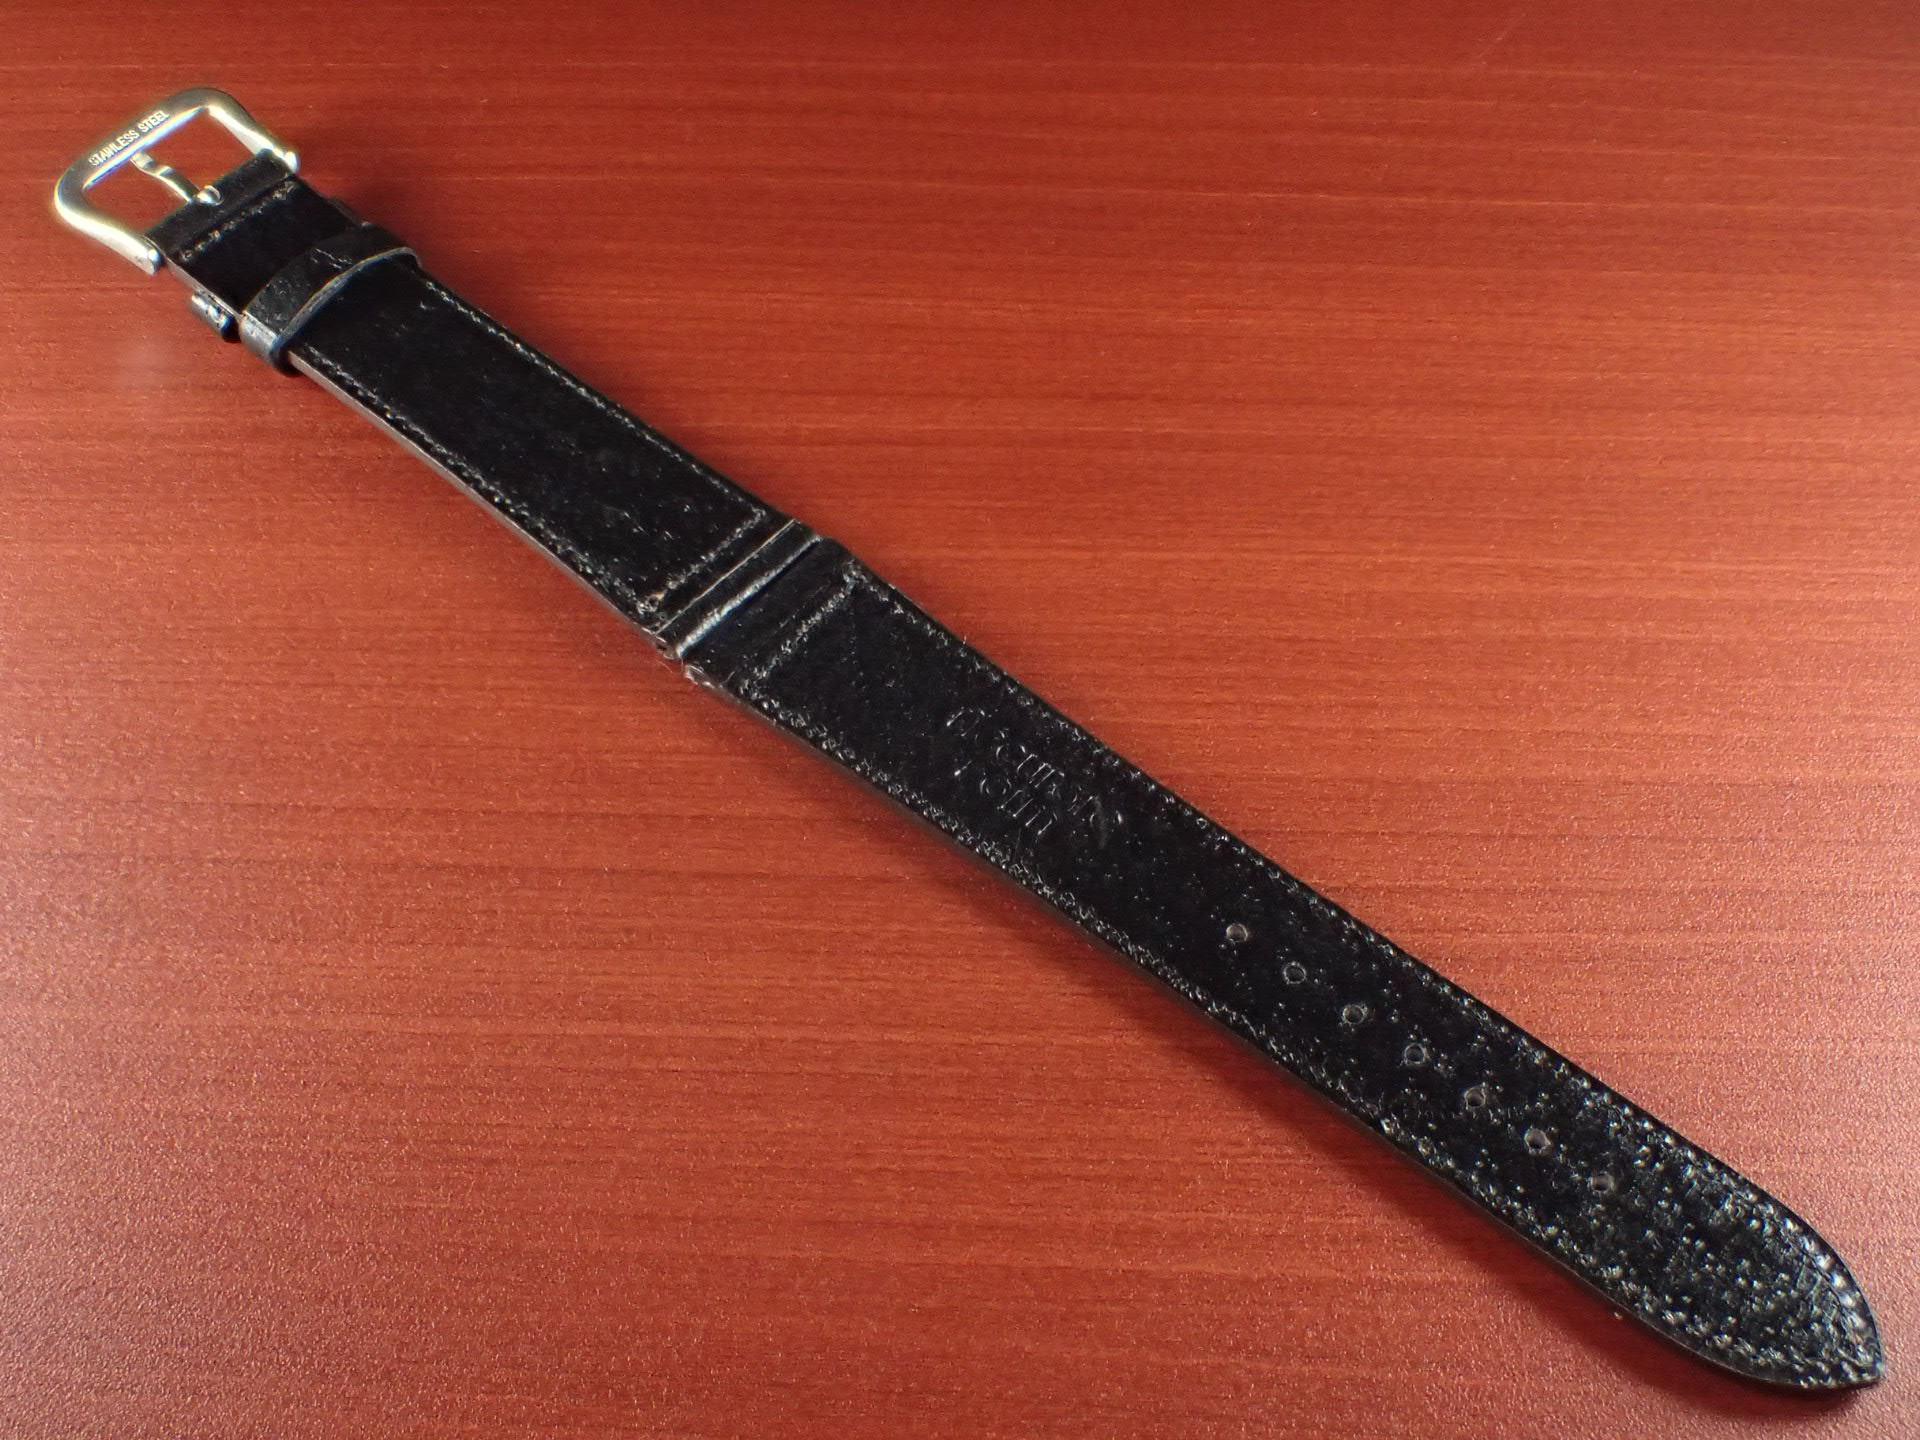 ピッグ革ベルト 黒 14、15、16、17、18、19、20mm CSA-001aの写真2枚目